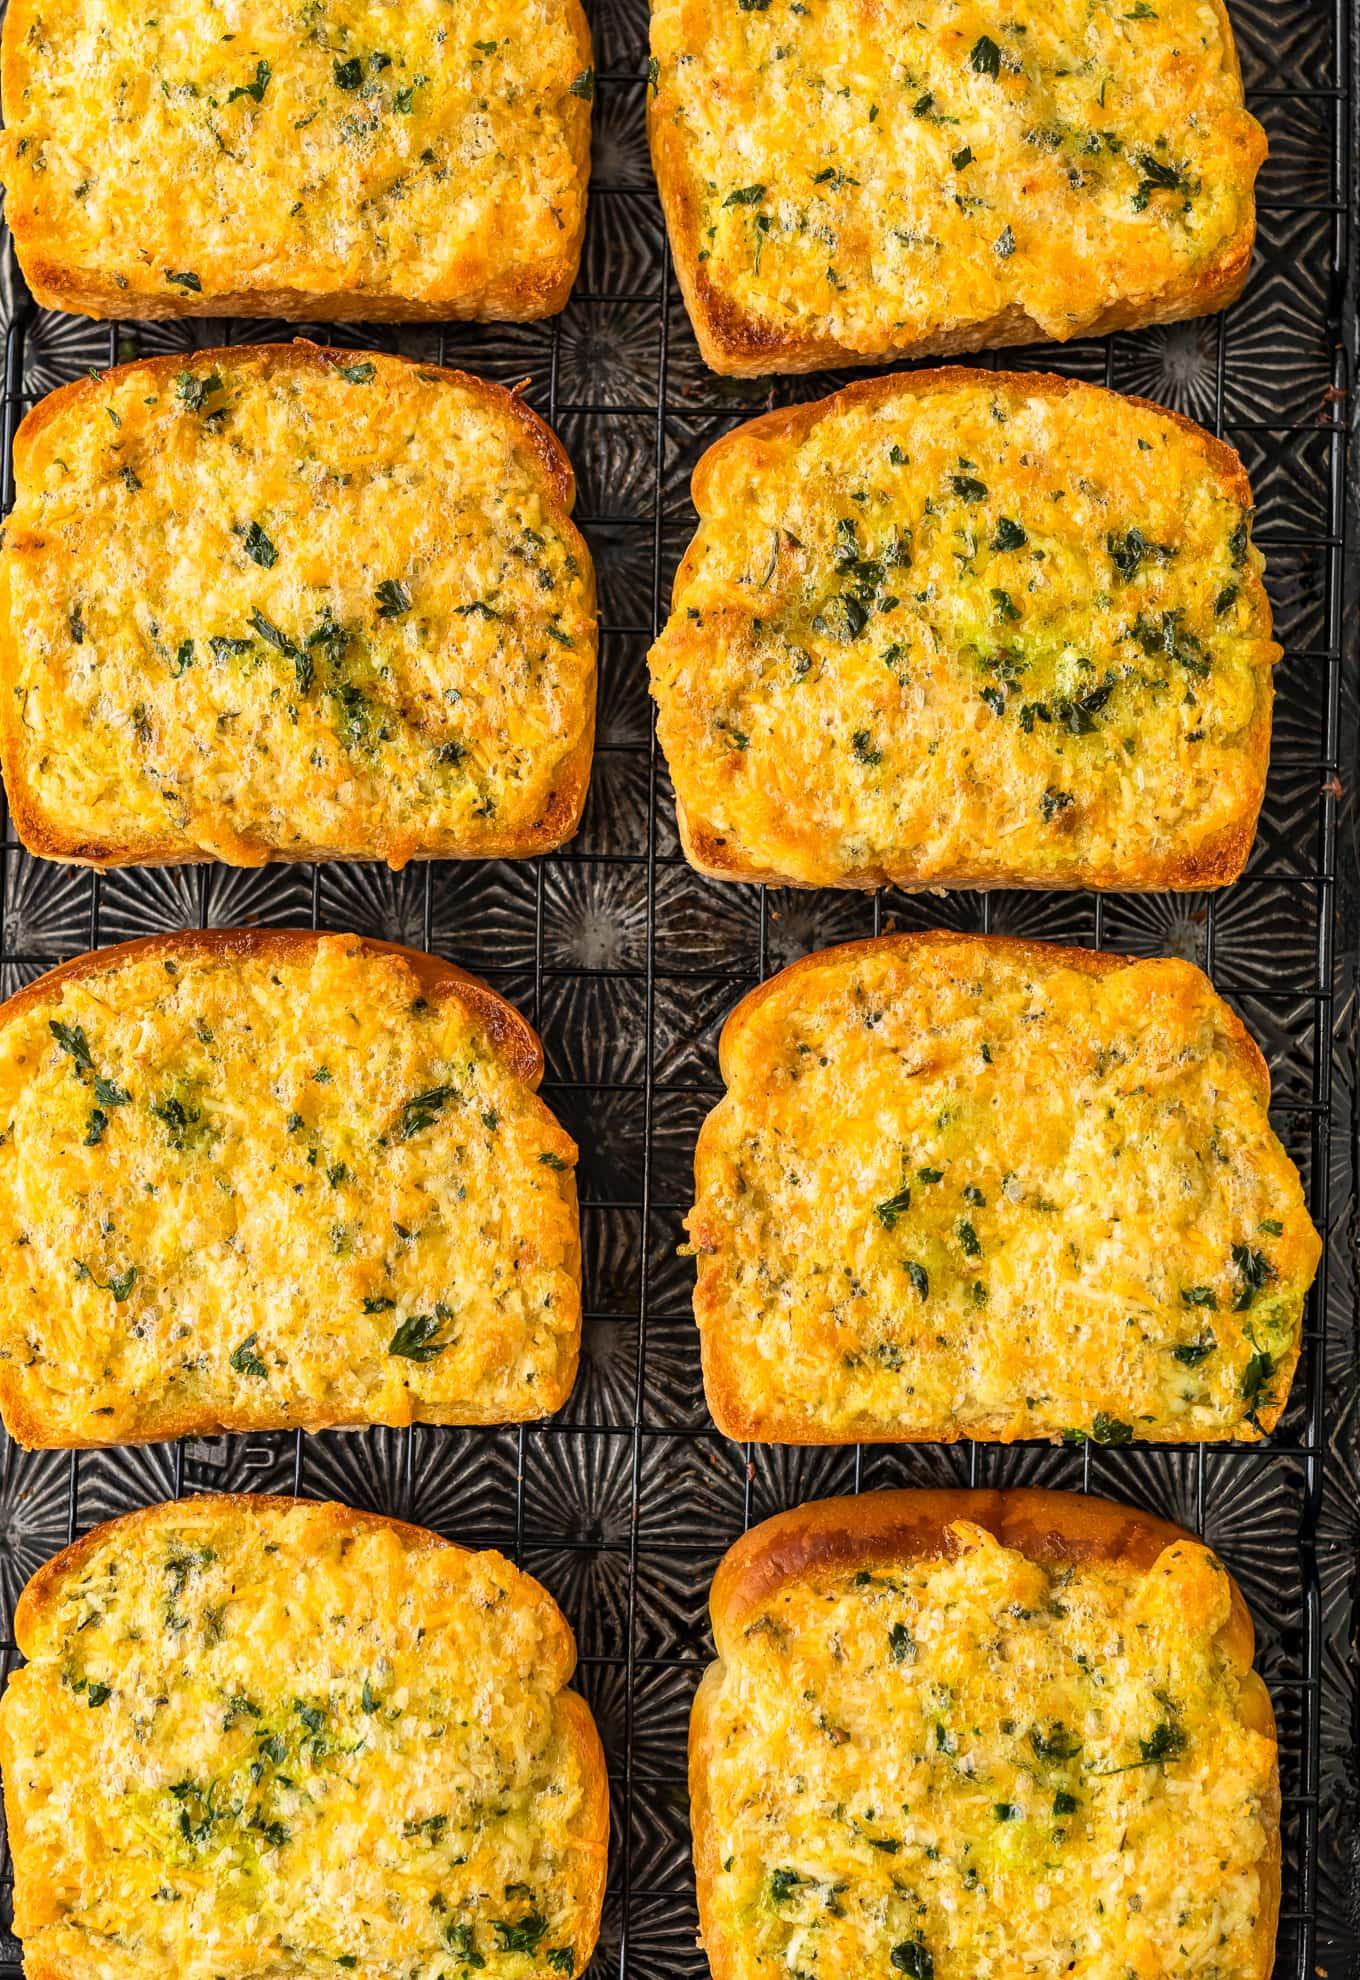 Cheesy Garlic Bread On Texas Toast Cheesy Garlic Bread Recipe Texas Toast Garlic Bread Garlic Bread Recipe